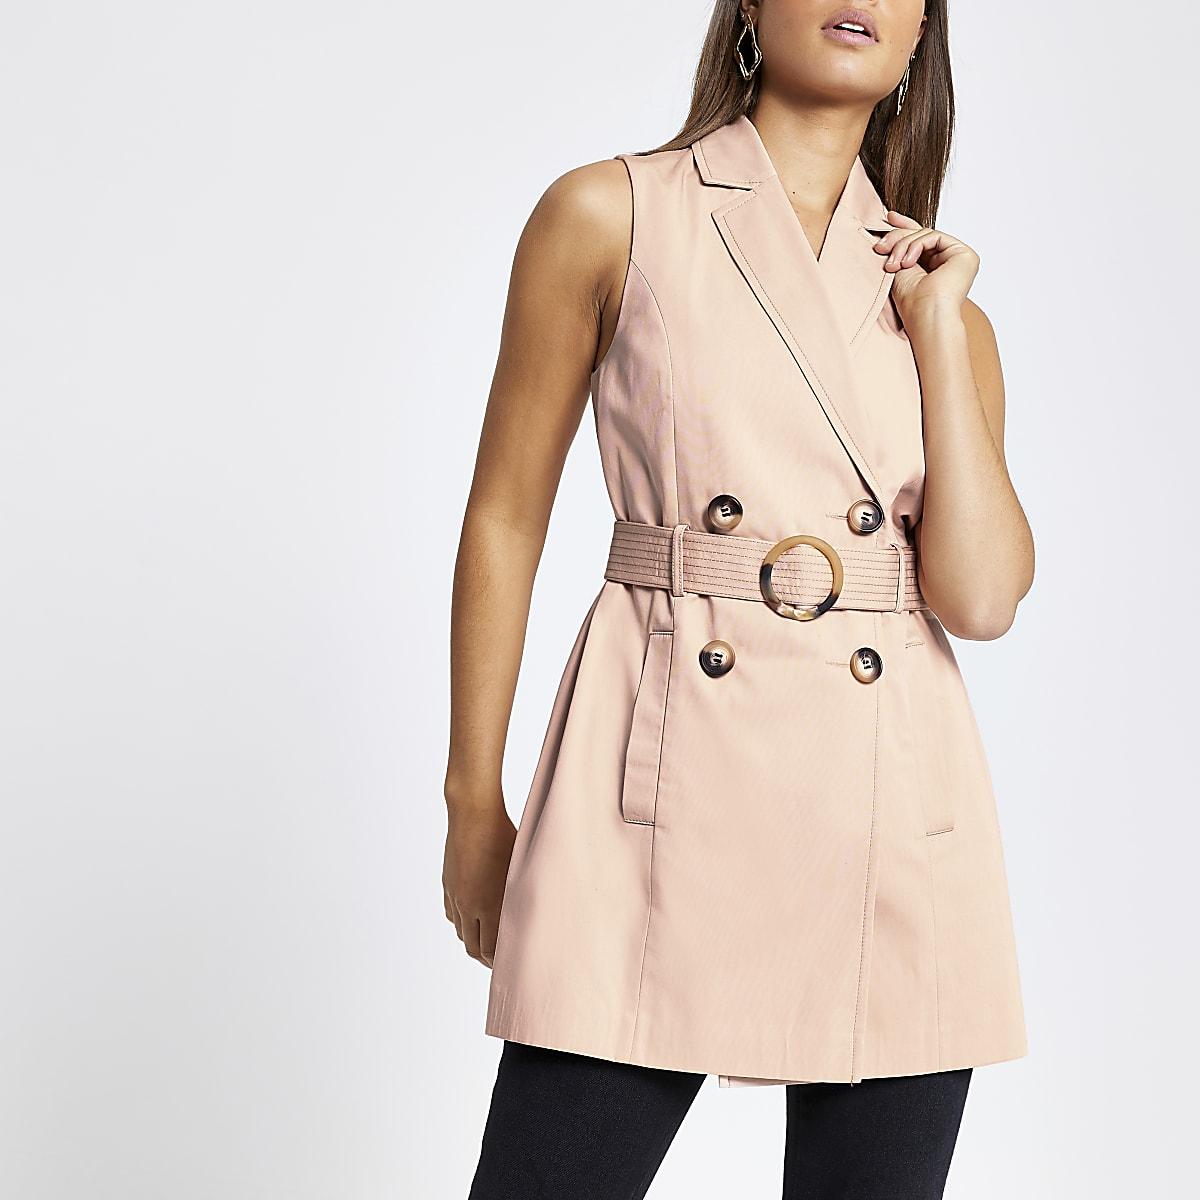 Mouwloze roze blazer met riem